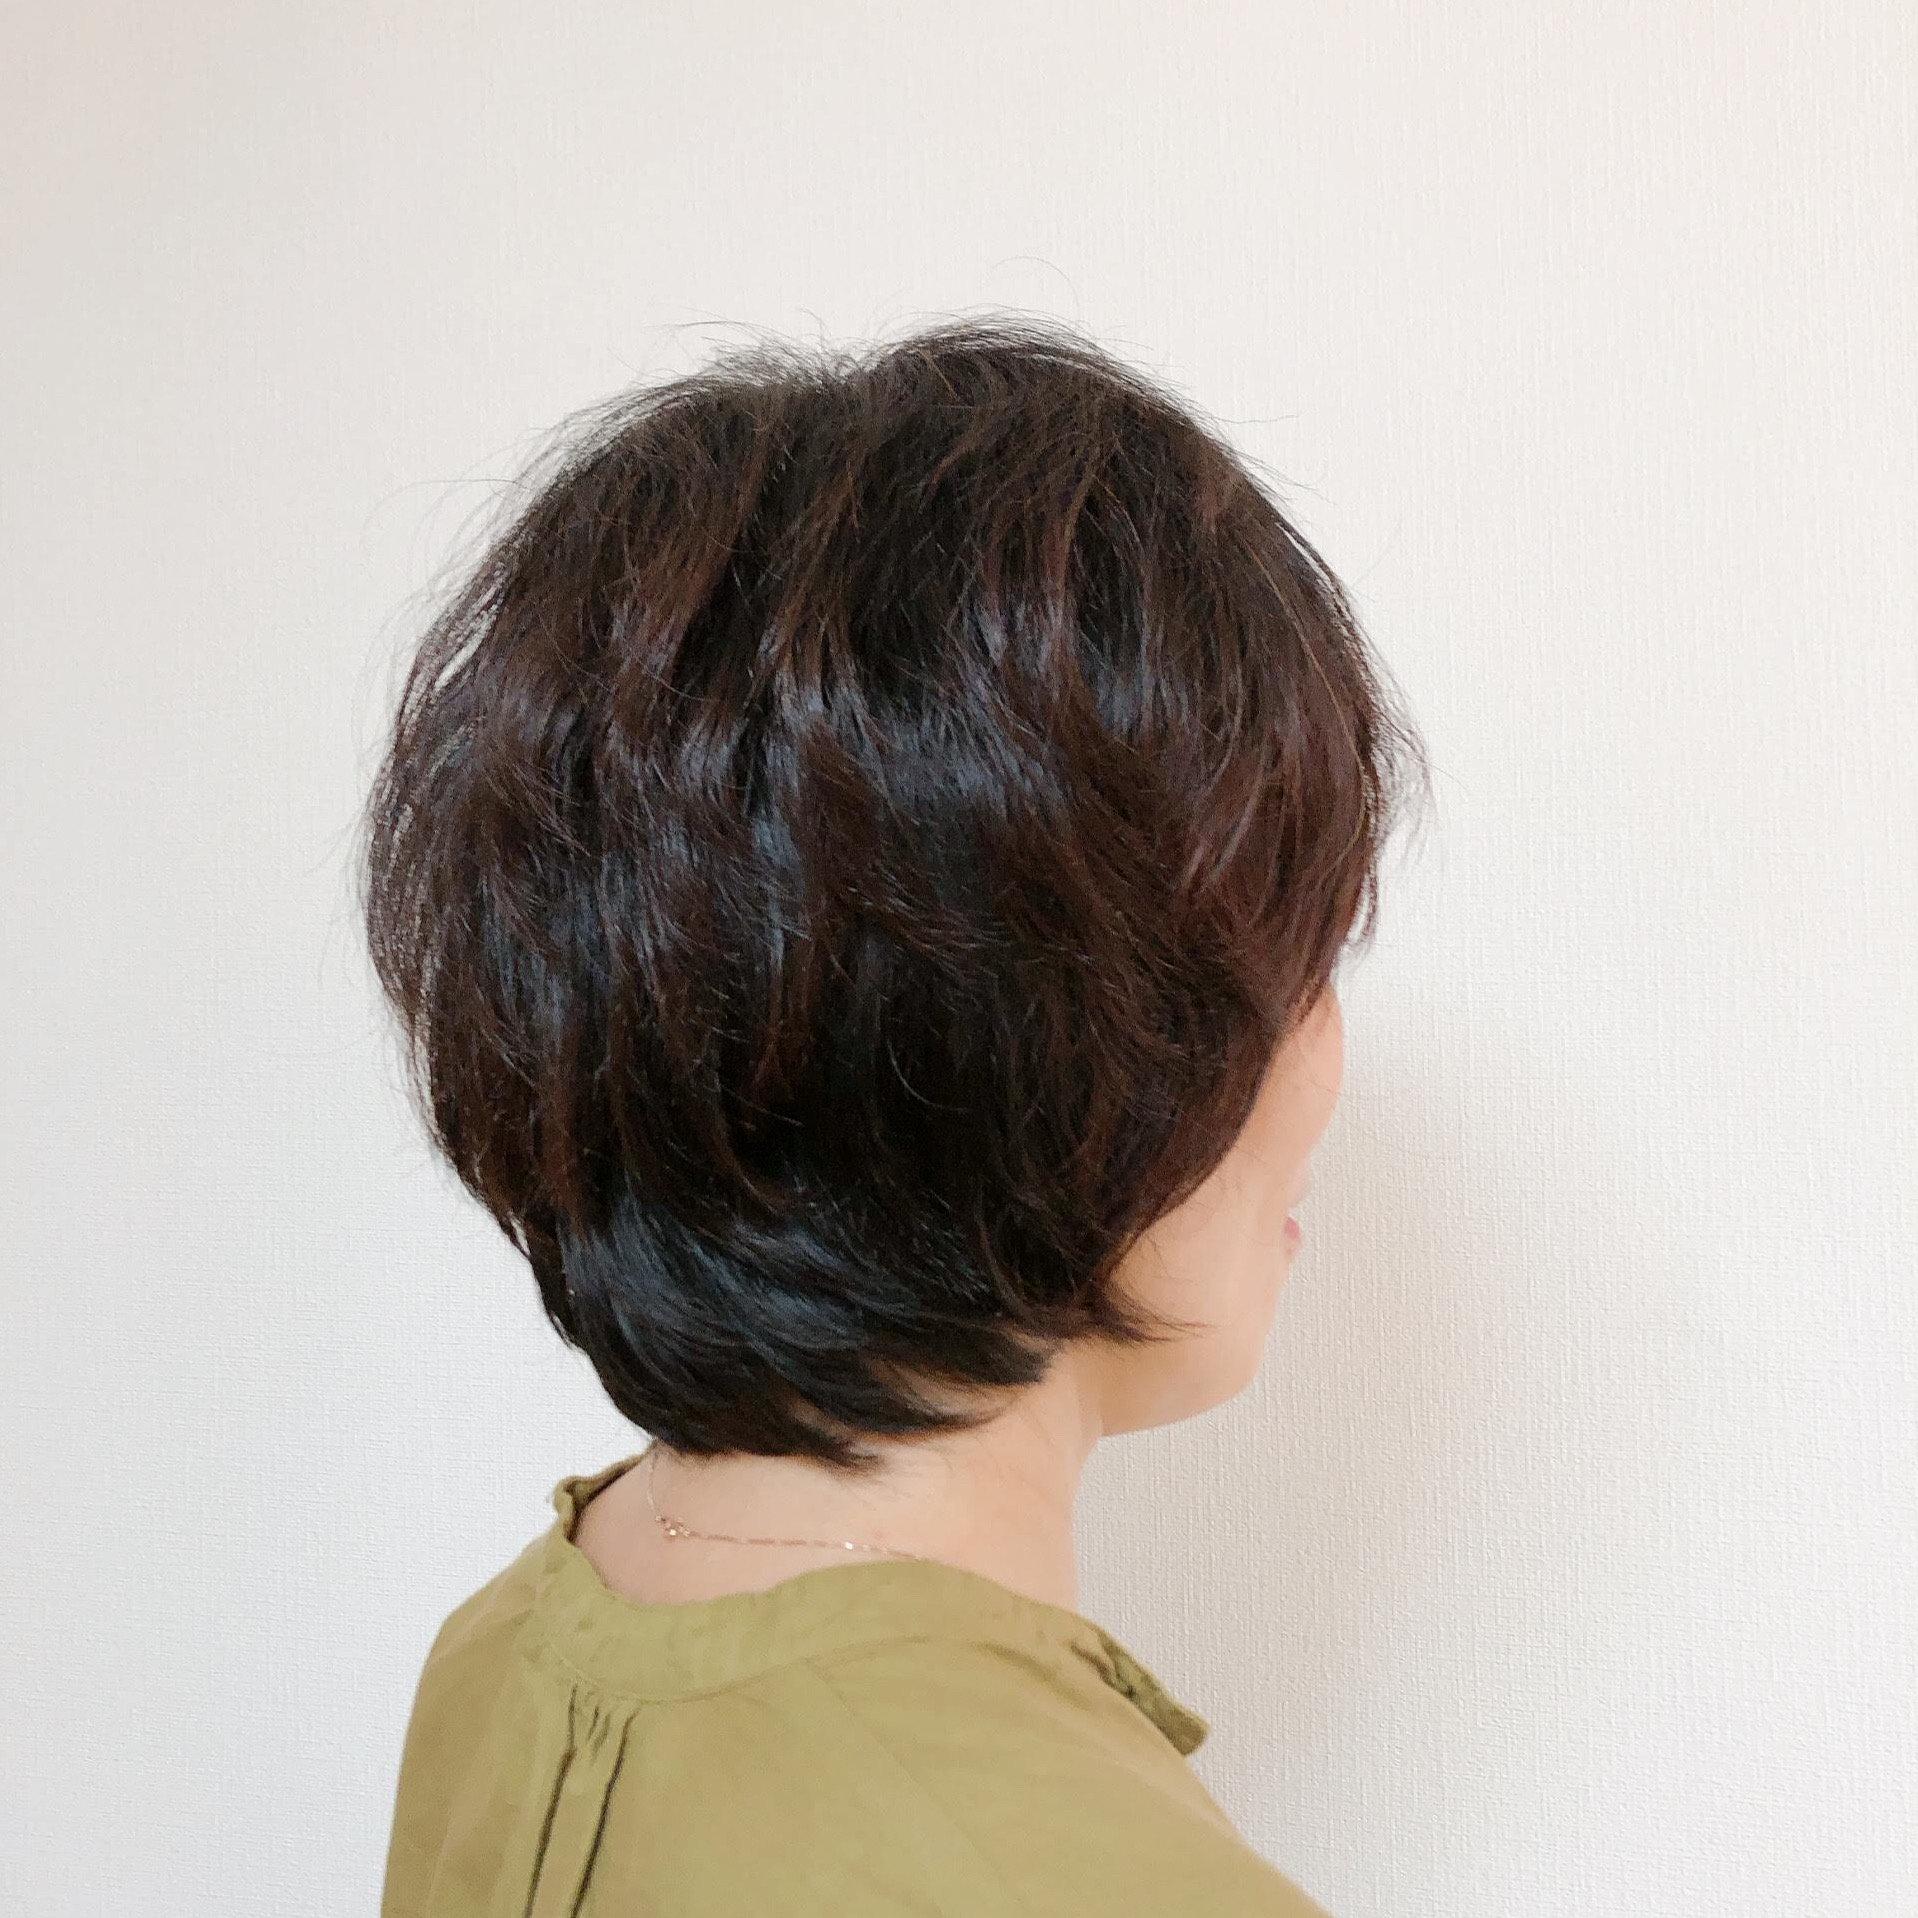 くせ毛を味方に素敵スタイル